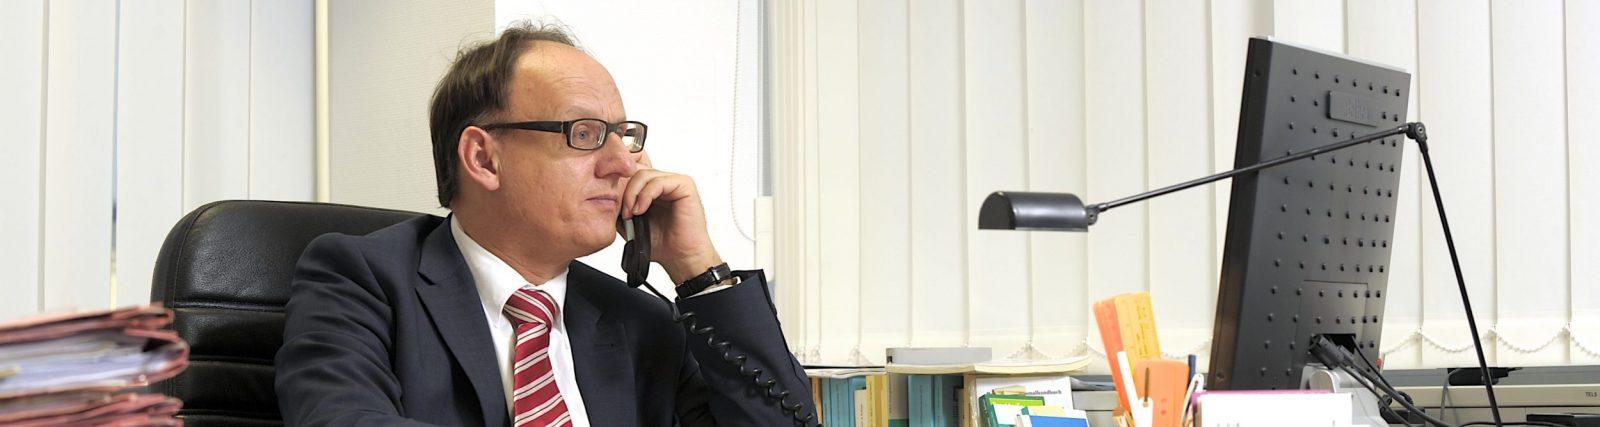 Martin Feickert Kuther Und Partner Rechtsanwaltskanzlei Und Notar